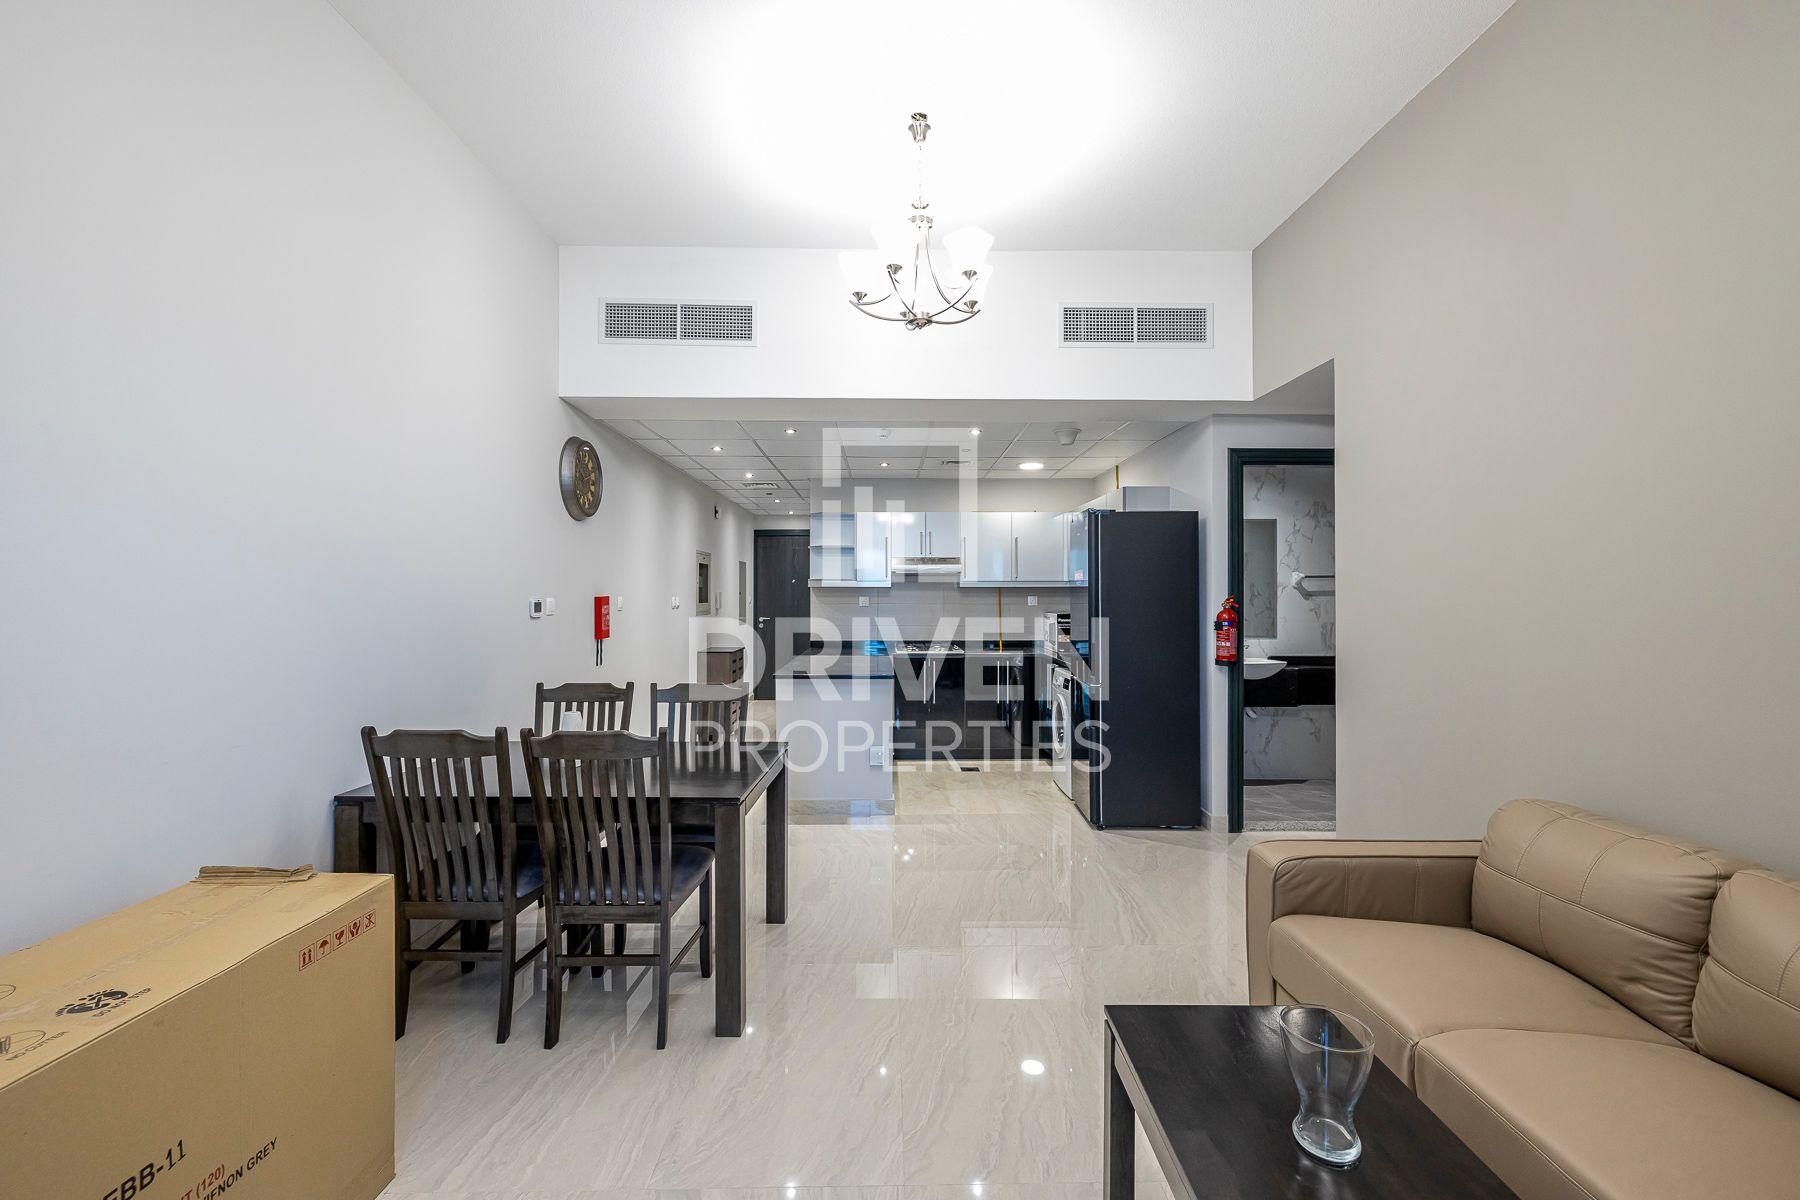 للبيع - شقة - ايليت بزنس باي ريزيدنس - الخليج التجاري